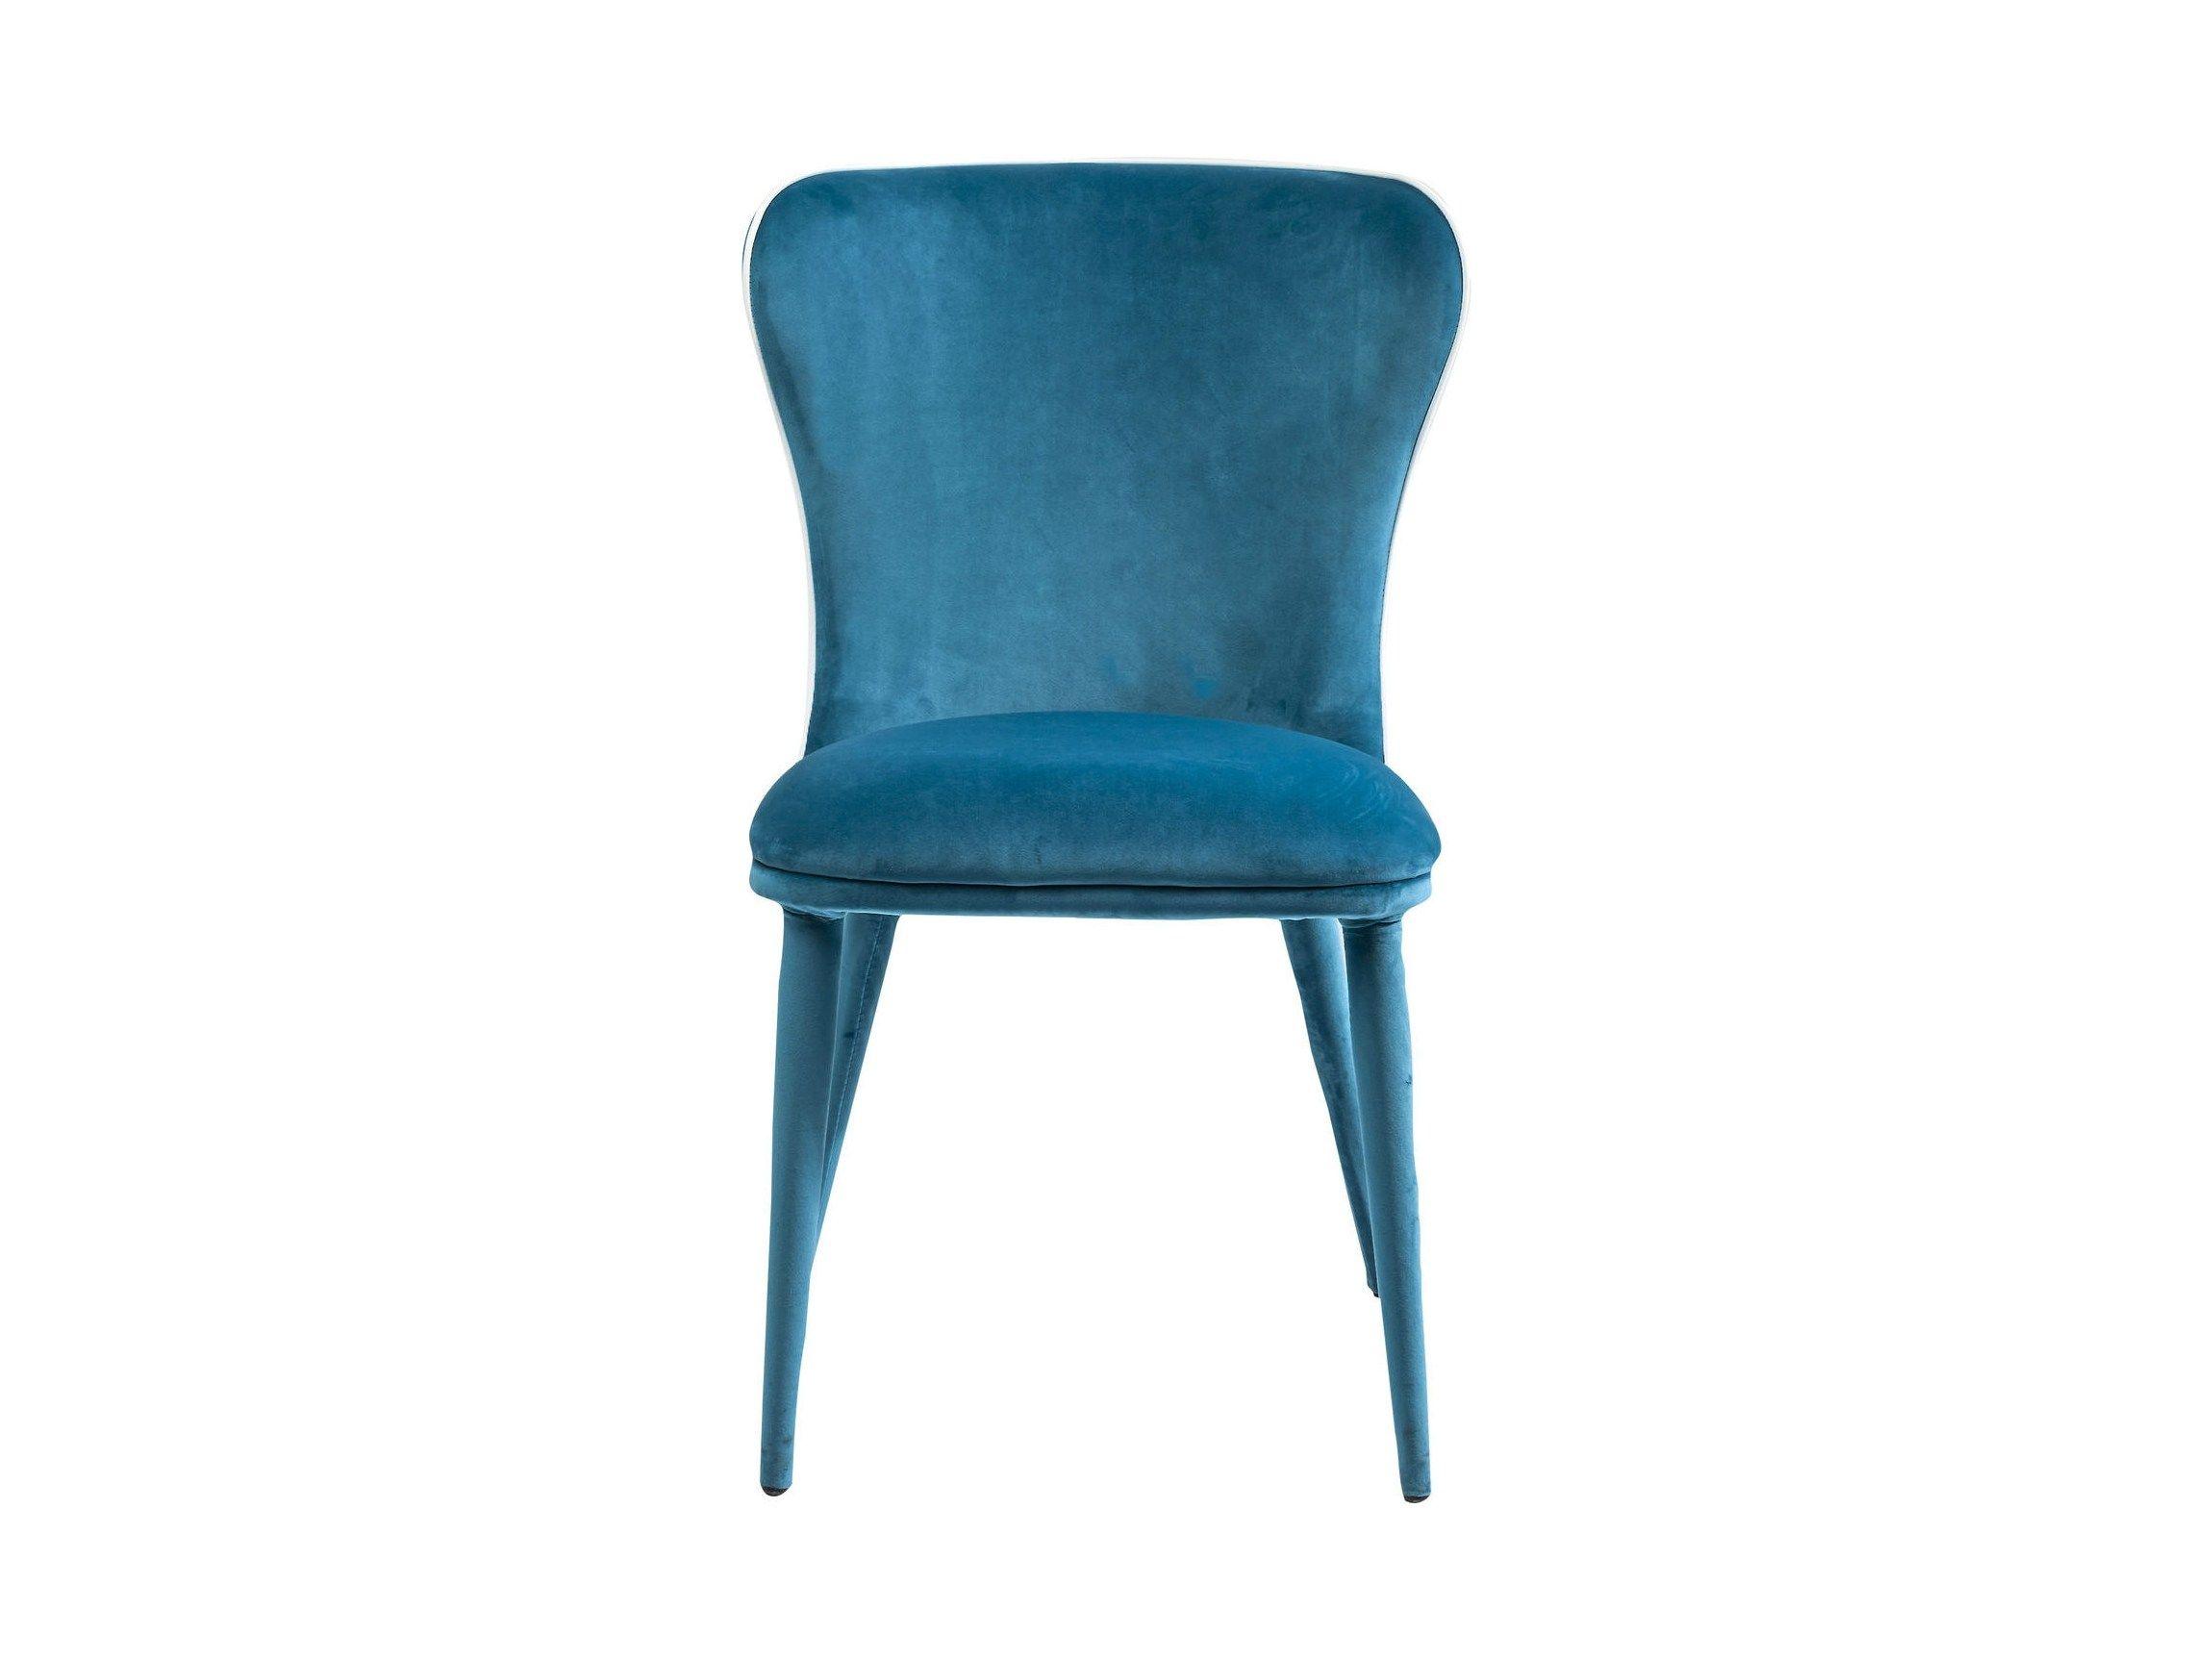 santorini sedia by kare design